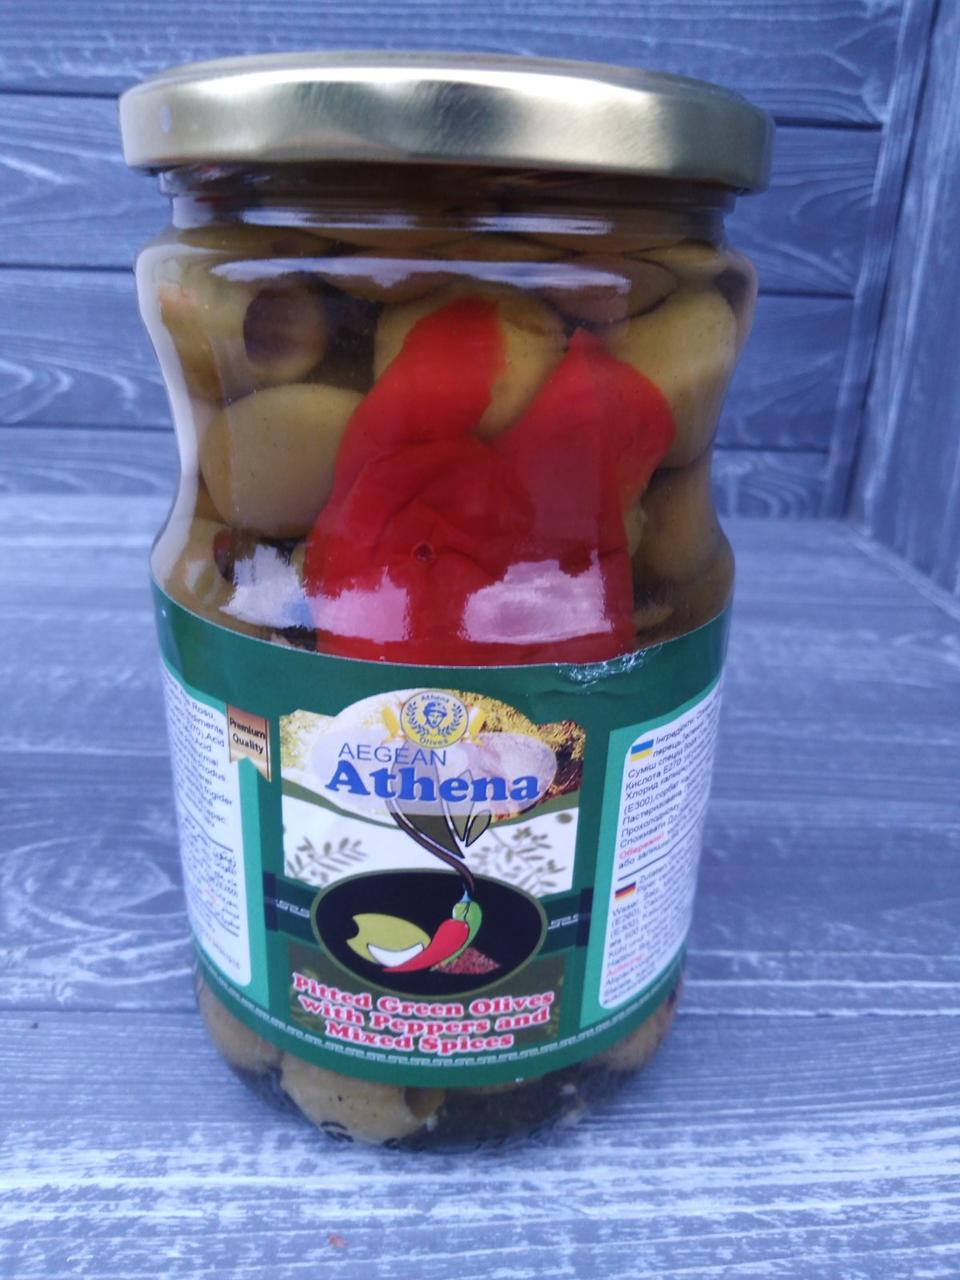 Оливки з перцем і спеціями Aegean Athena 700 г